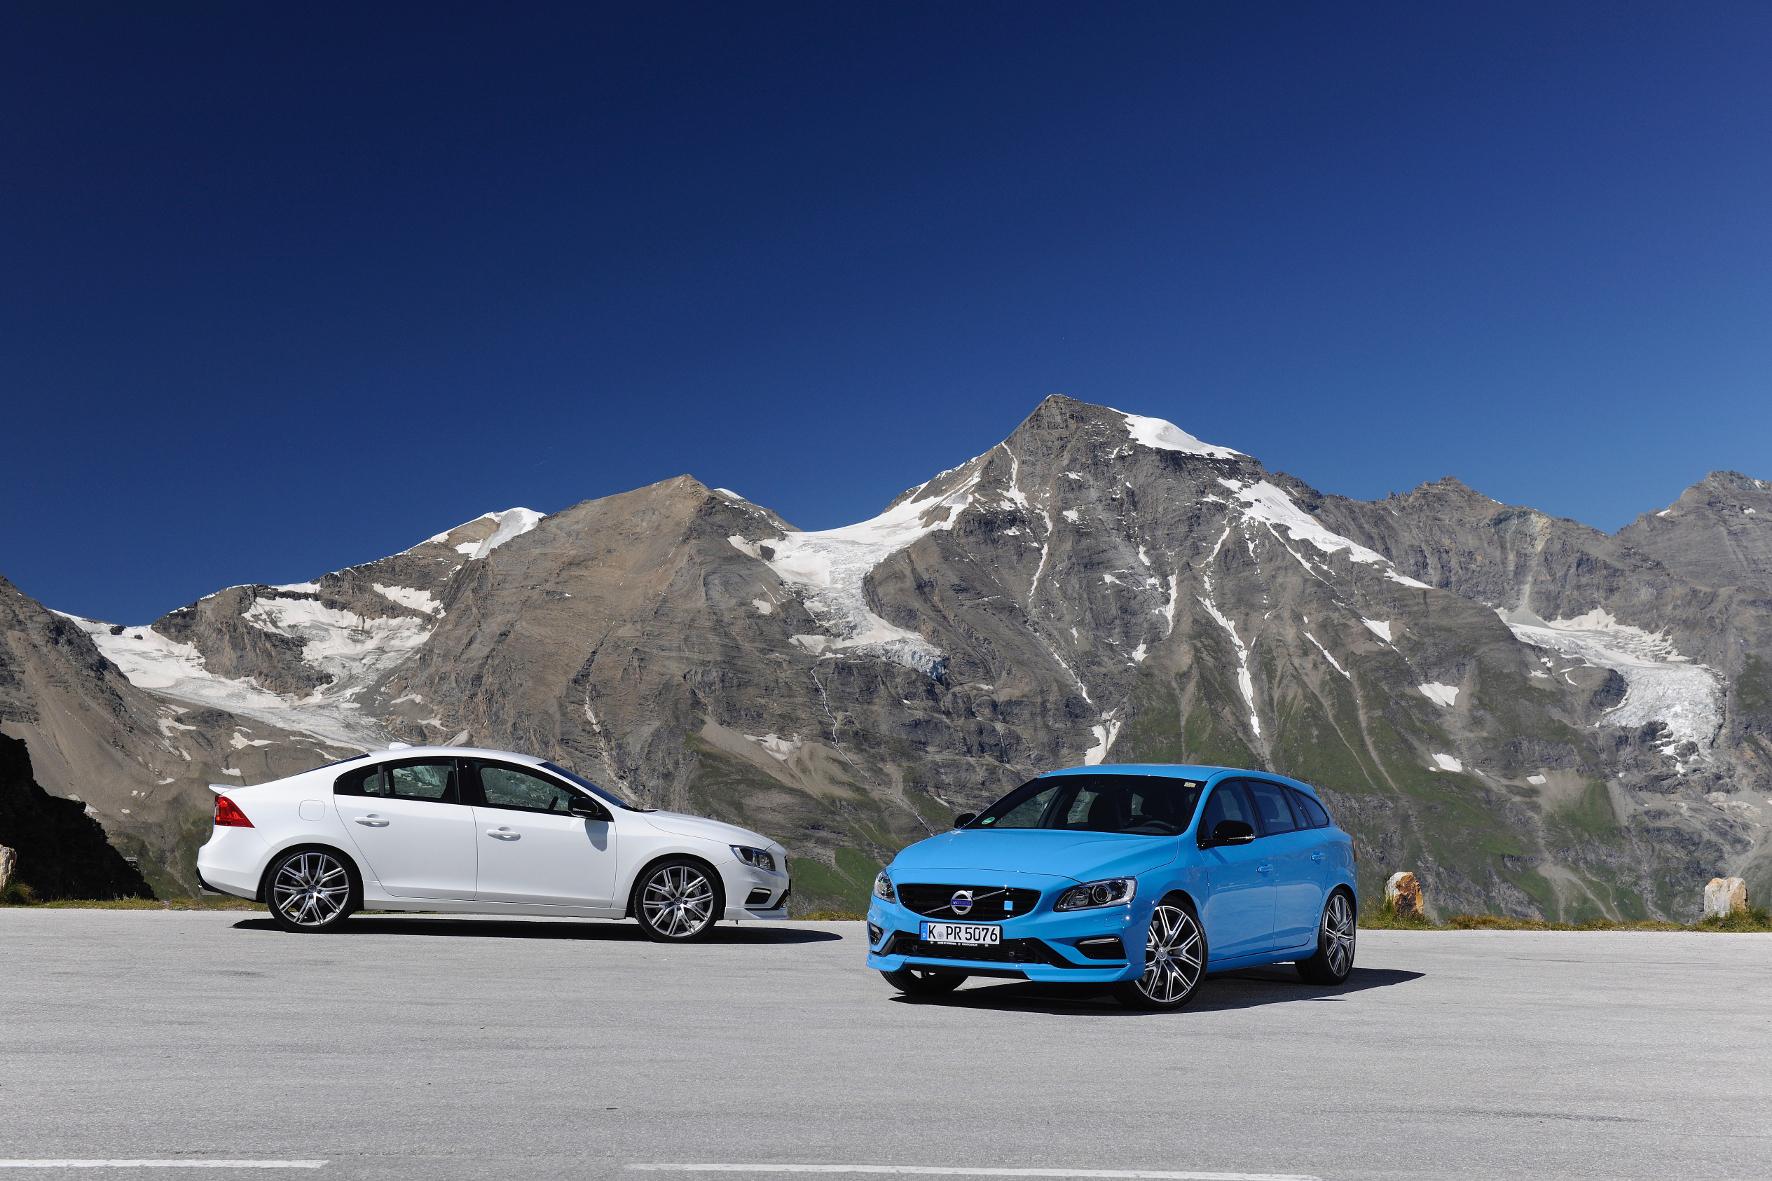 mid Kals - Schnelle Volvos: Die Polestar-Versionen der Mittelklässler S60 und V60 sind laut der Schweden die schnellsten Modelle der Unternehmensgeschichte.